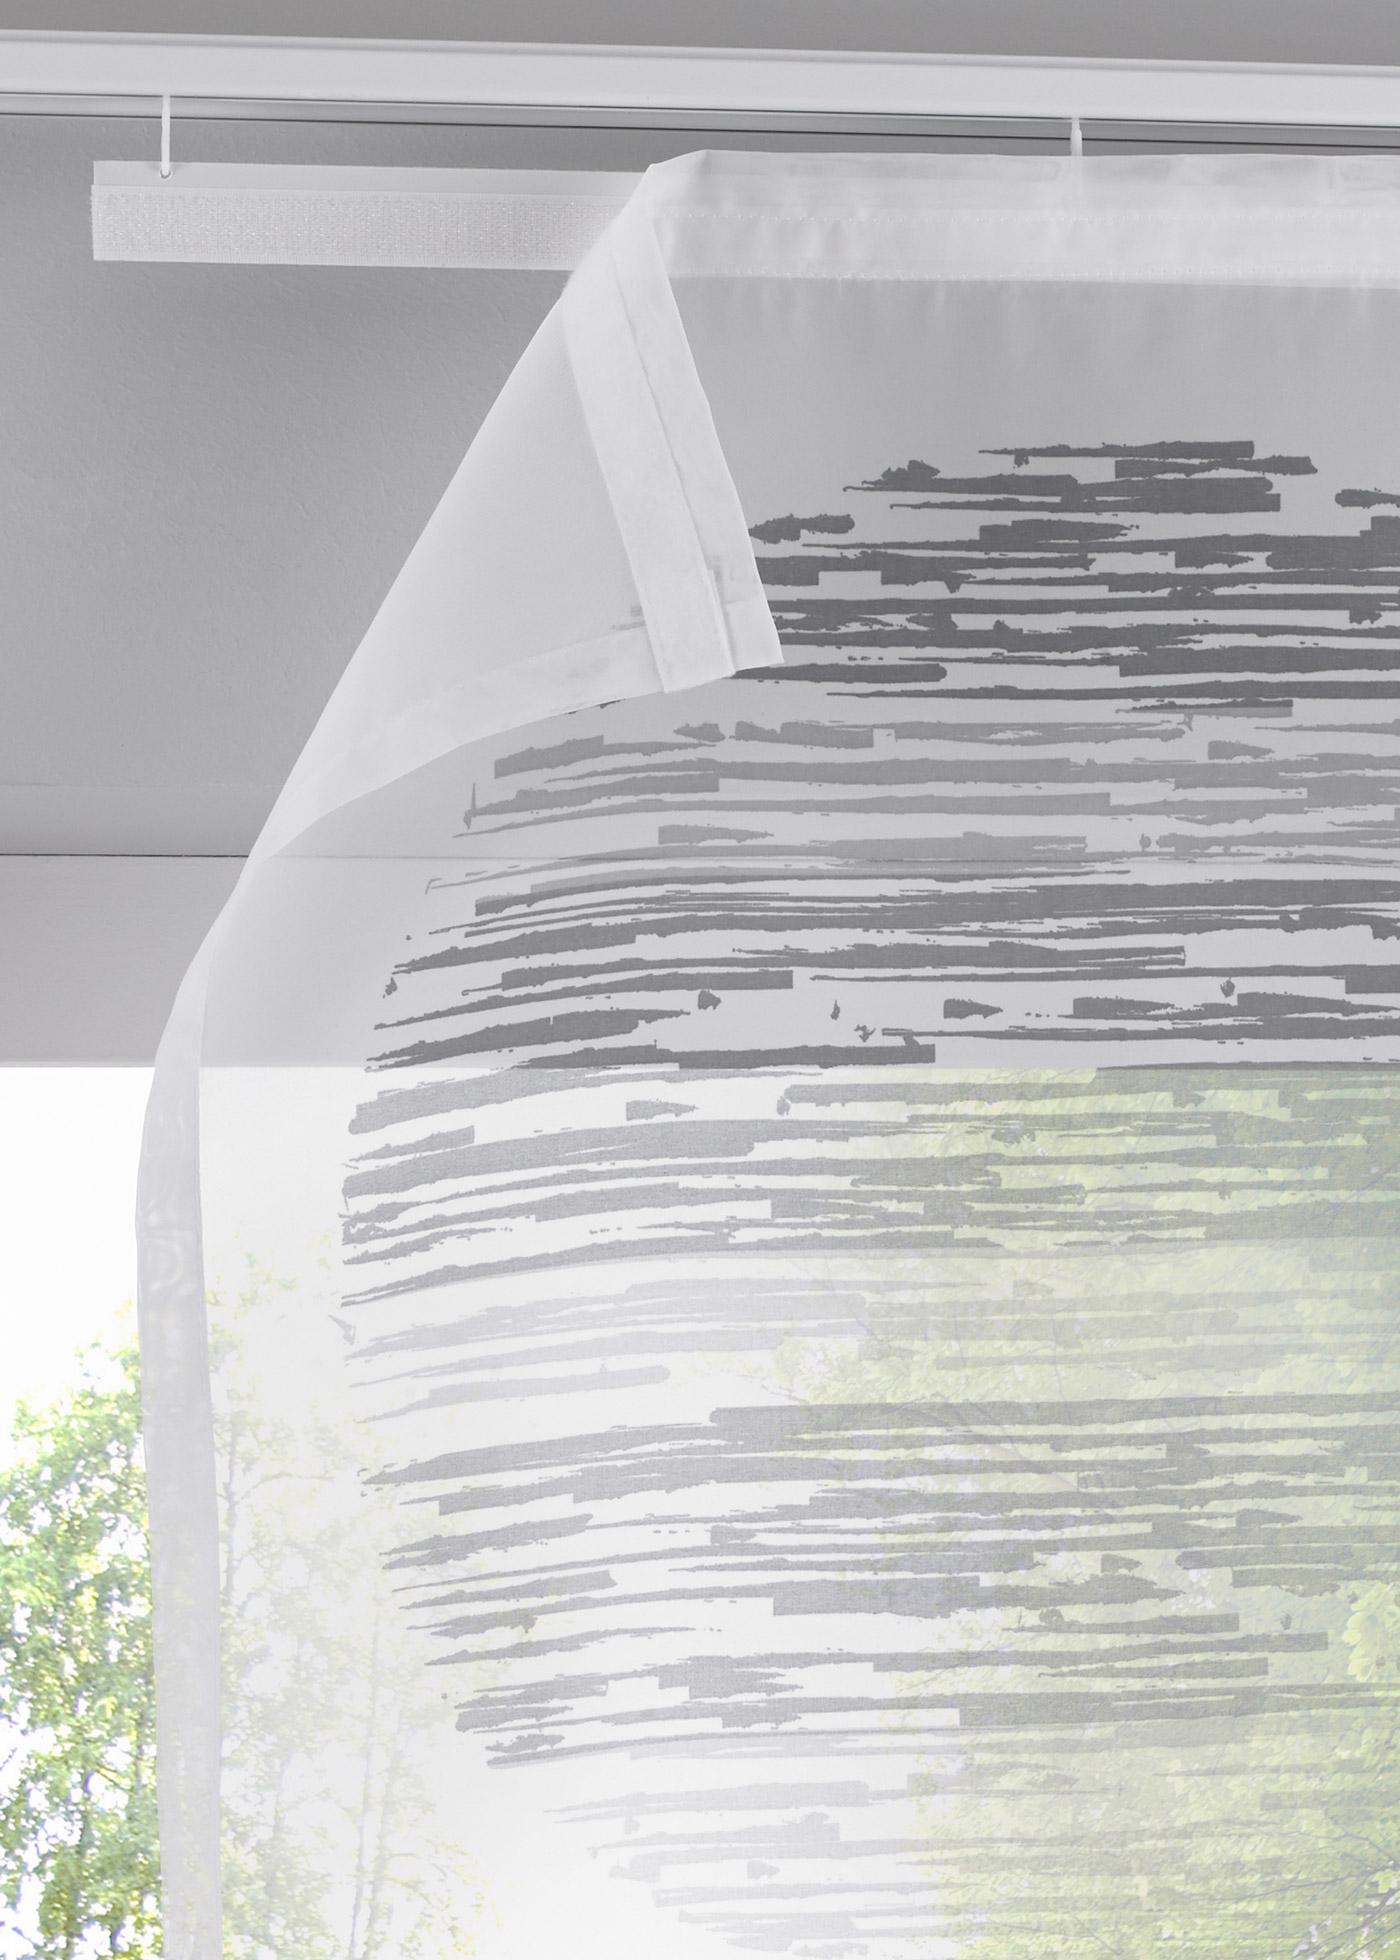 Paneelgordijn Cirkel (1 stuk), klittenbandrail